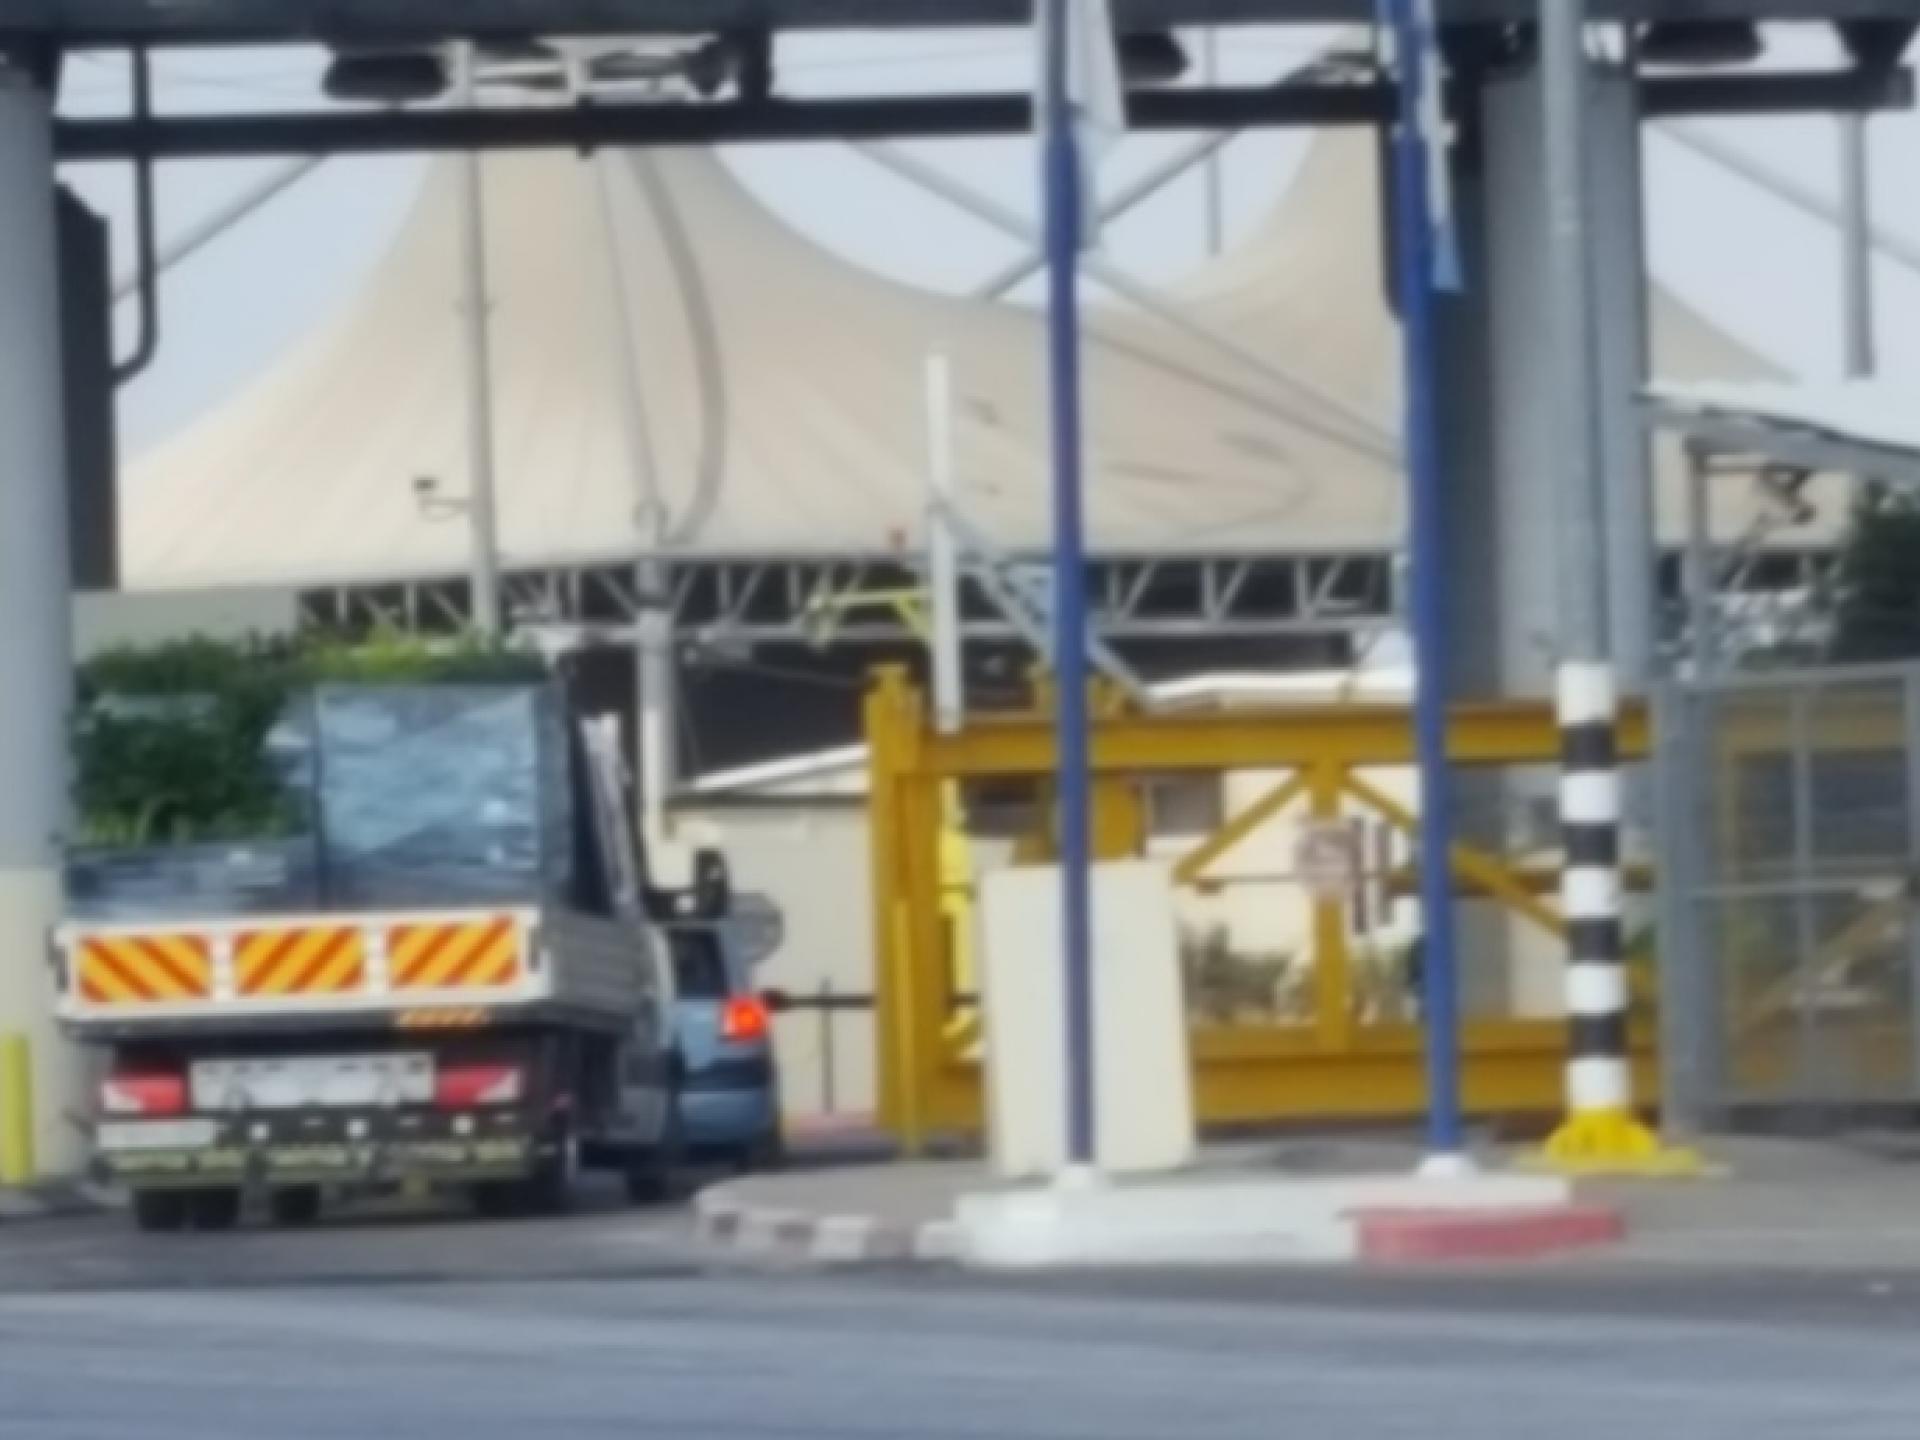 בשעה 09:10 המשאית נכנסת לעמדת הבידוק